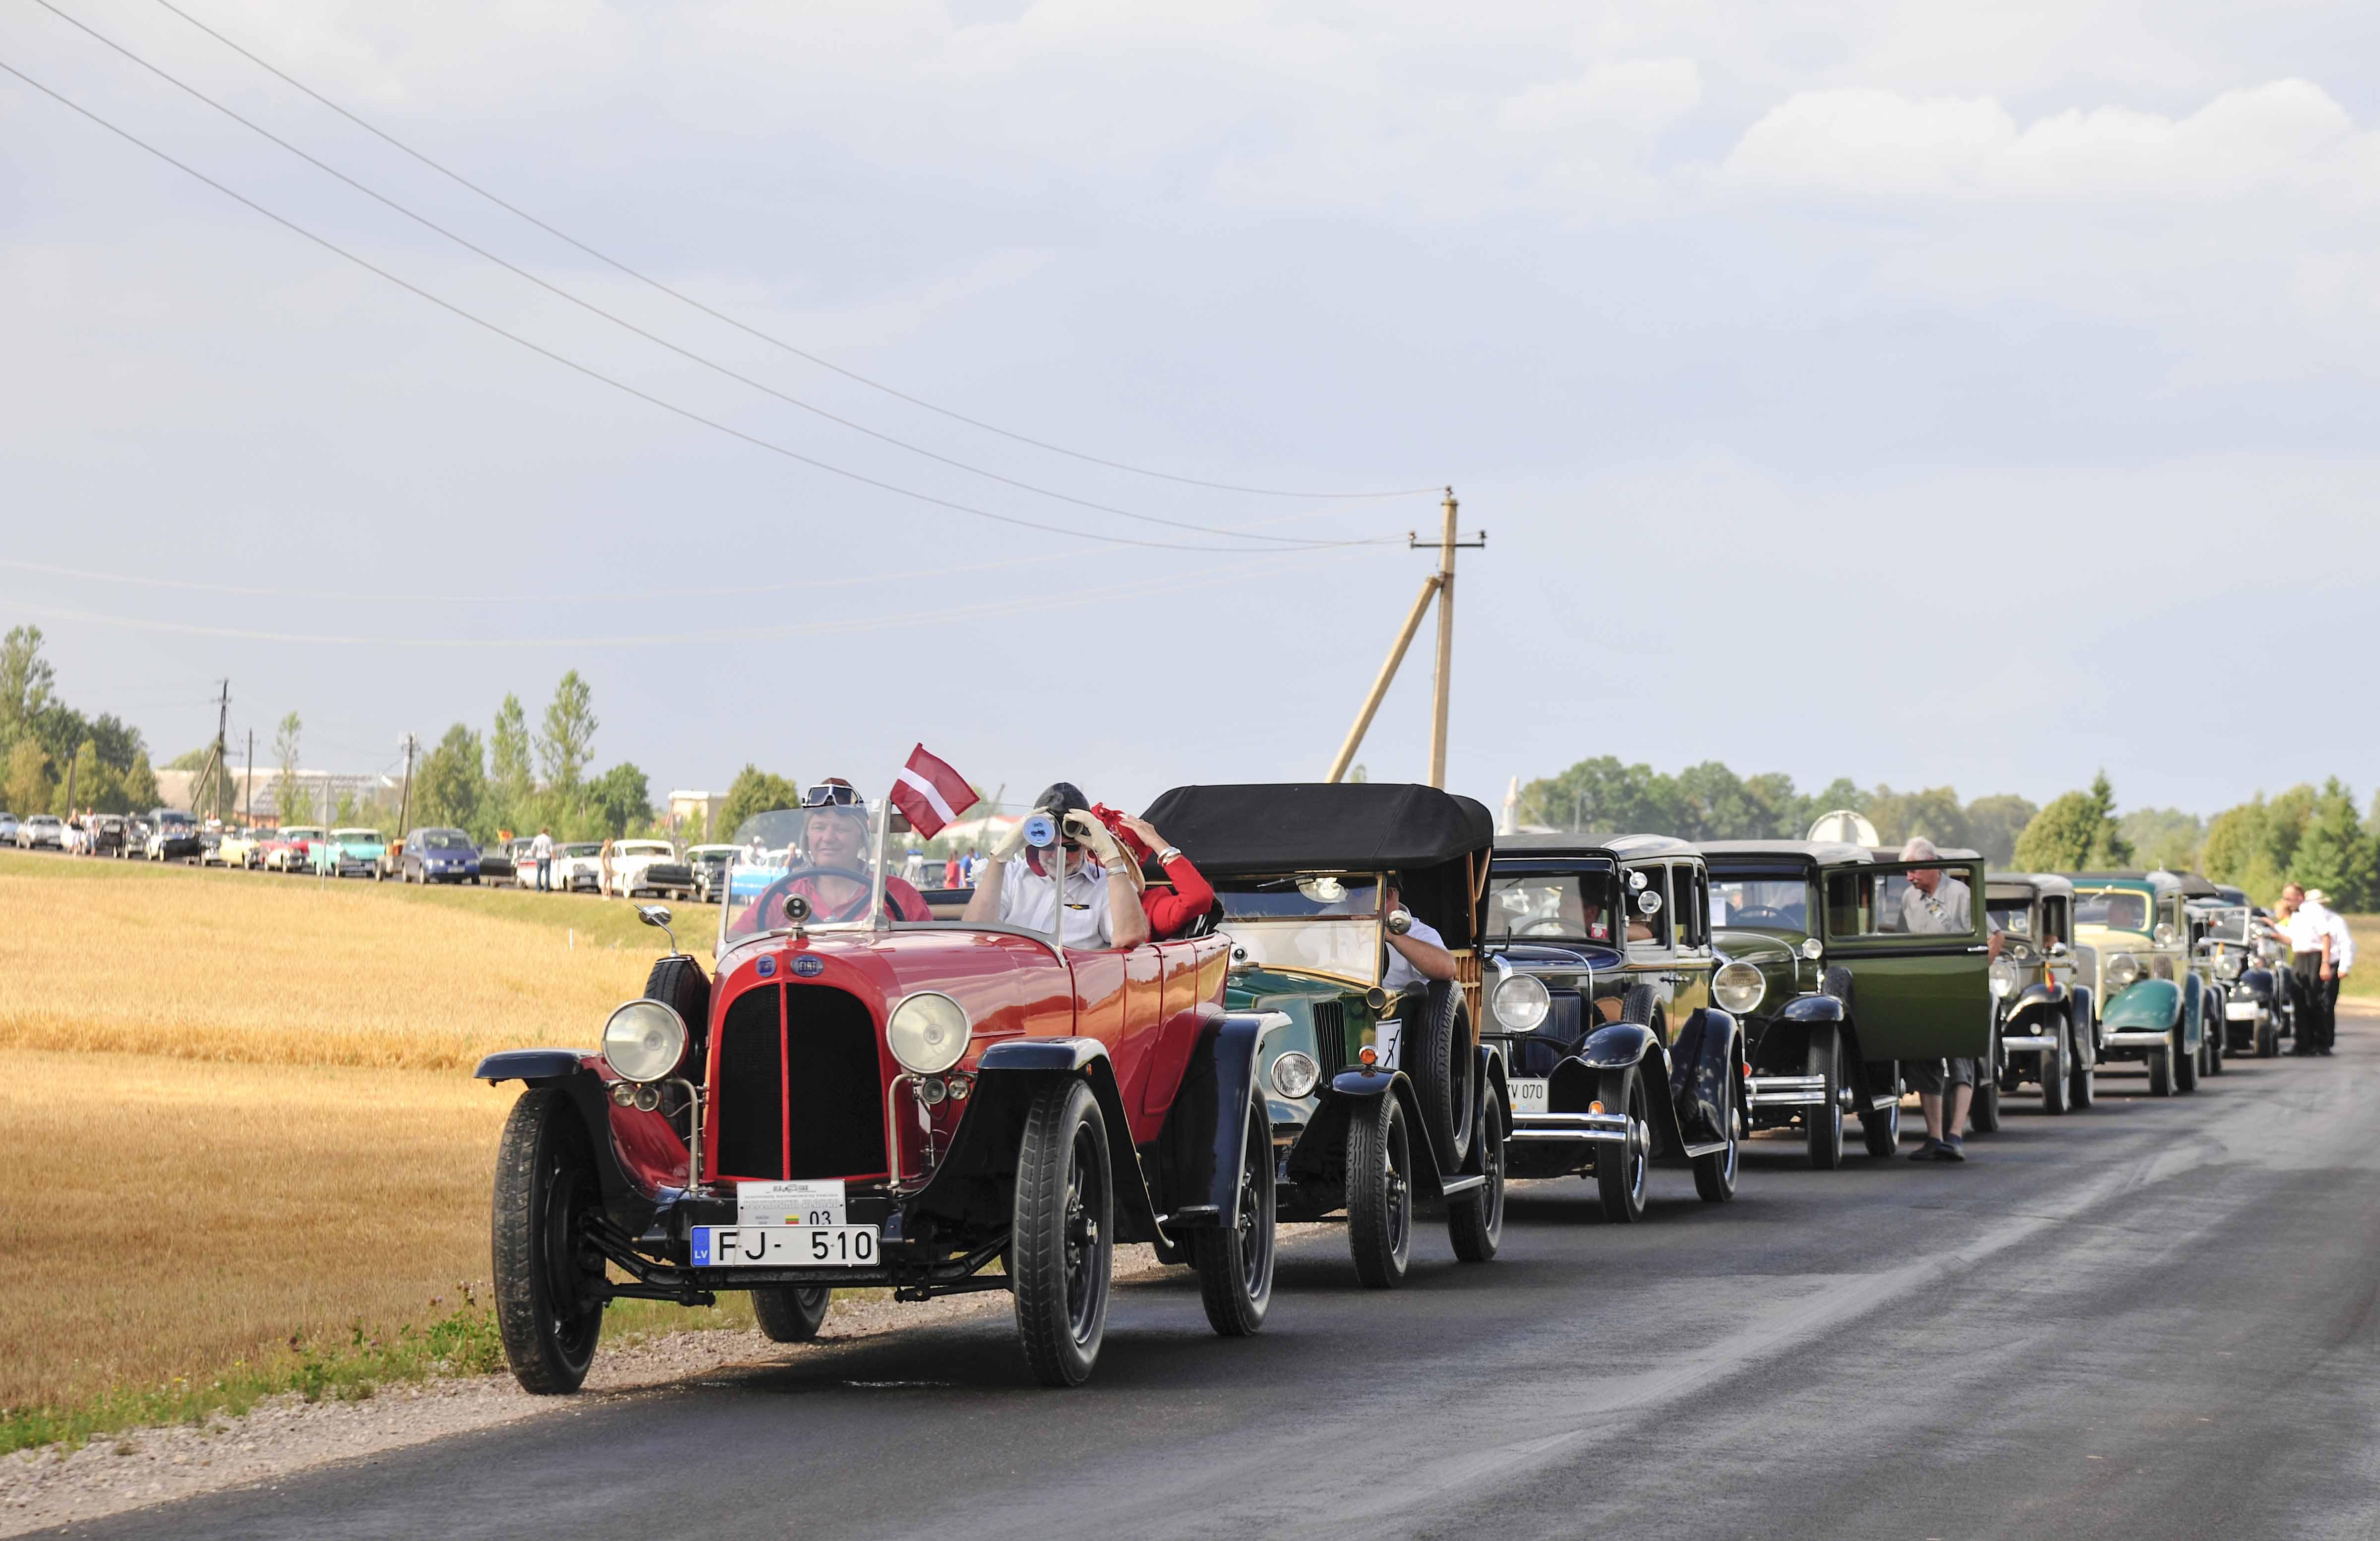 Priekyje – Seniausias automobilis – 1922 m. pag. FIAT 510 S (Latvija). Savininkas – Janis Oskerko   I. Daubaraitės nuotr.